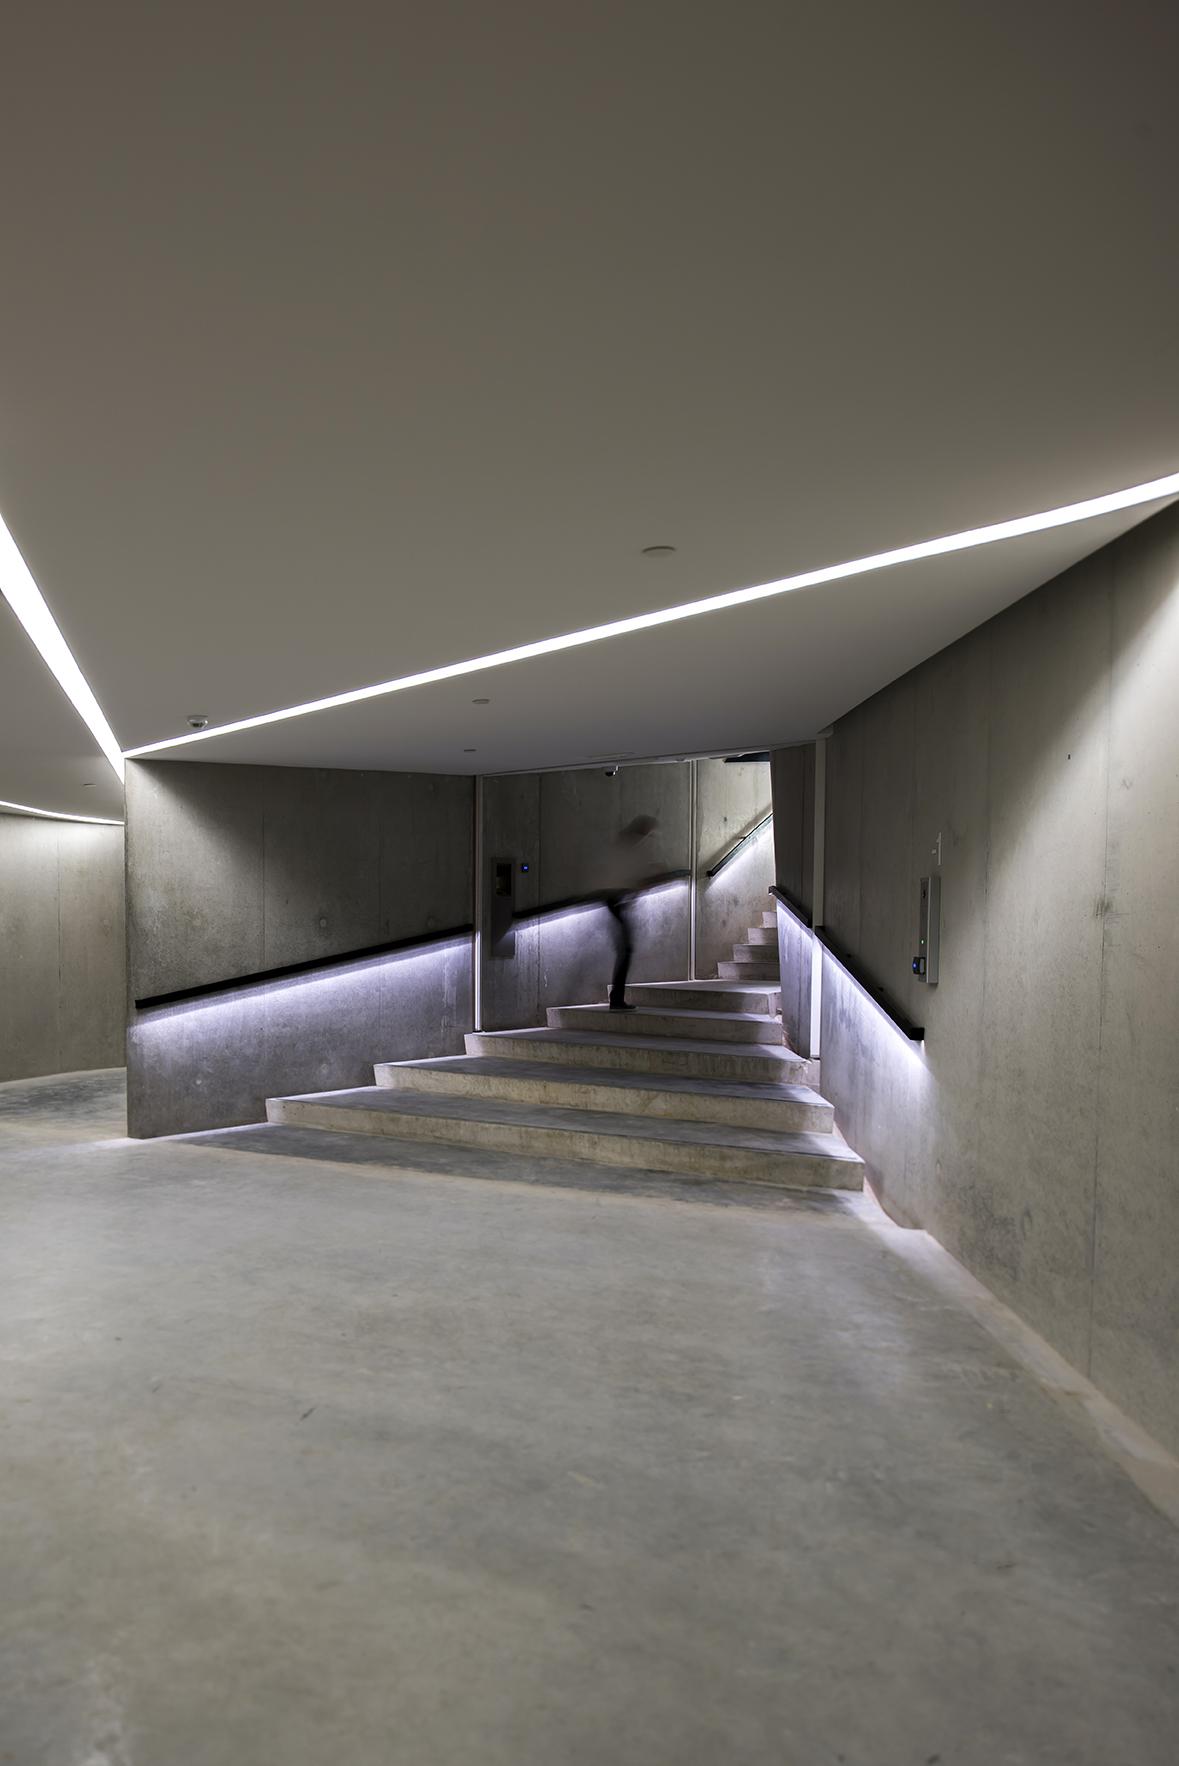 Garage Exit To Atrium